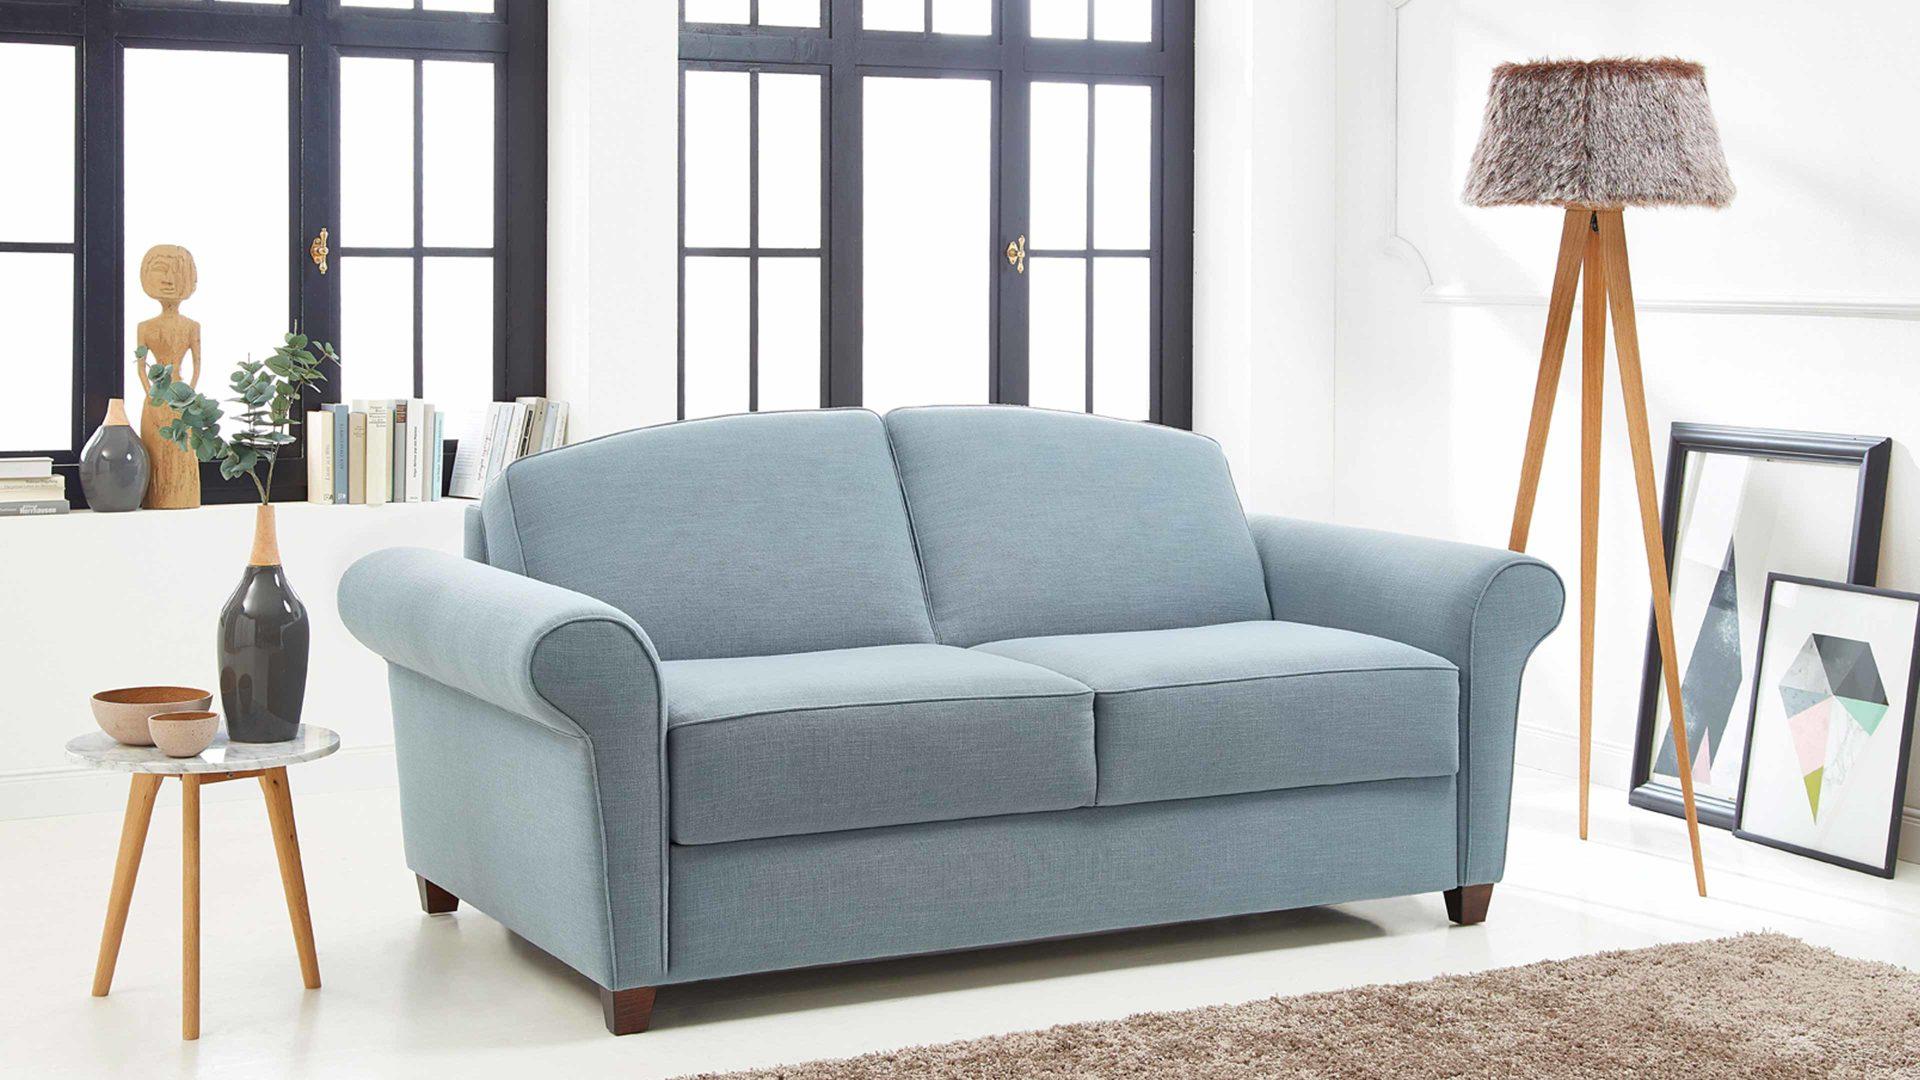 Schlafcouch Blau wohnland breitwieser markenshops polstermöbel comfortmaster